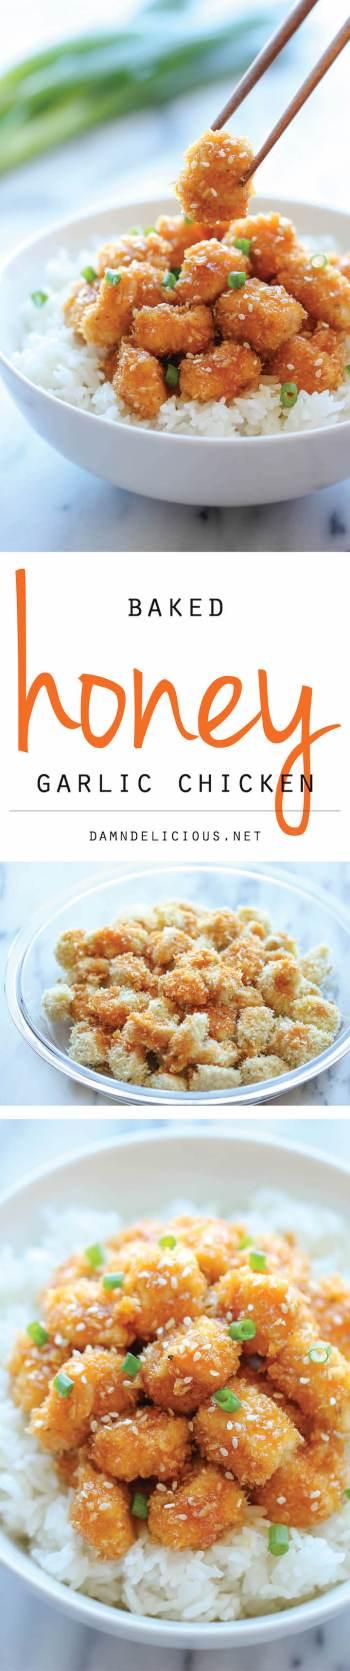 Baked-Honey-Garlic-Chicken.jpg